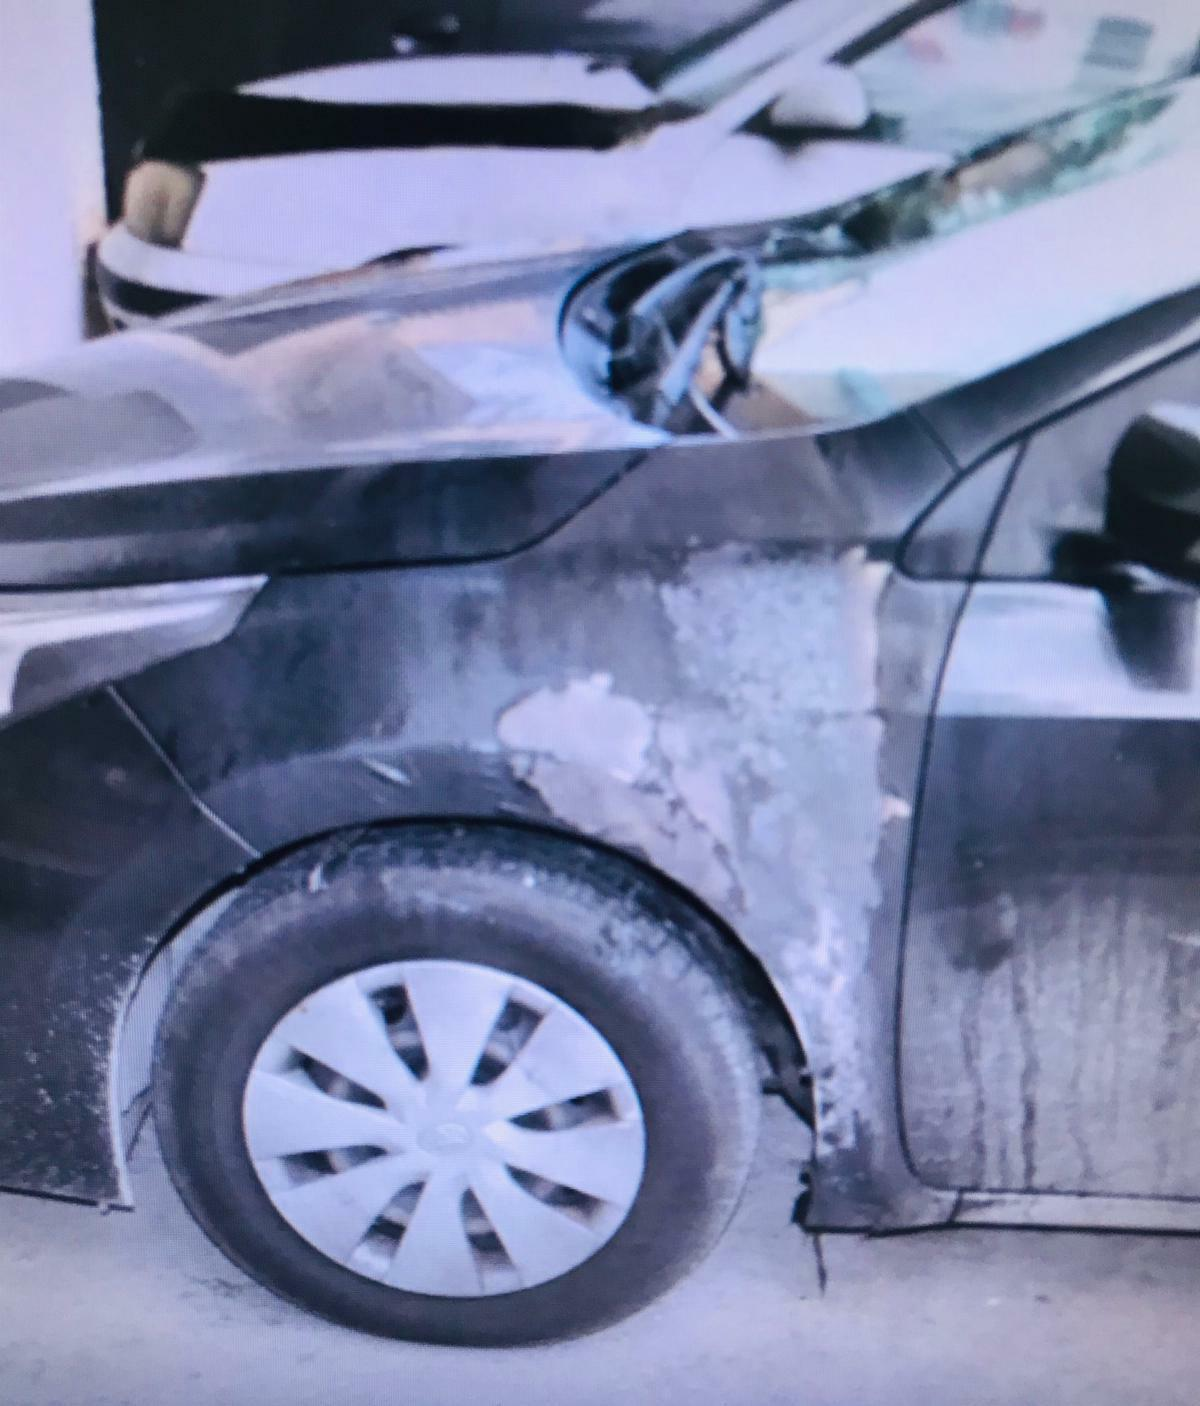 شفاعمرو: اتهام شاب بإضرام النار في سيارتي والده